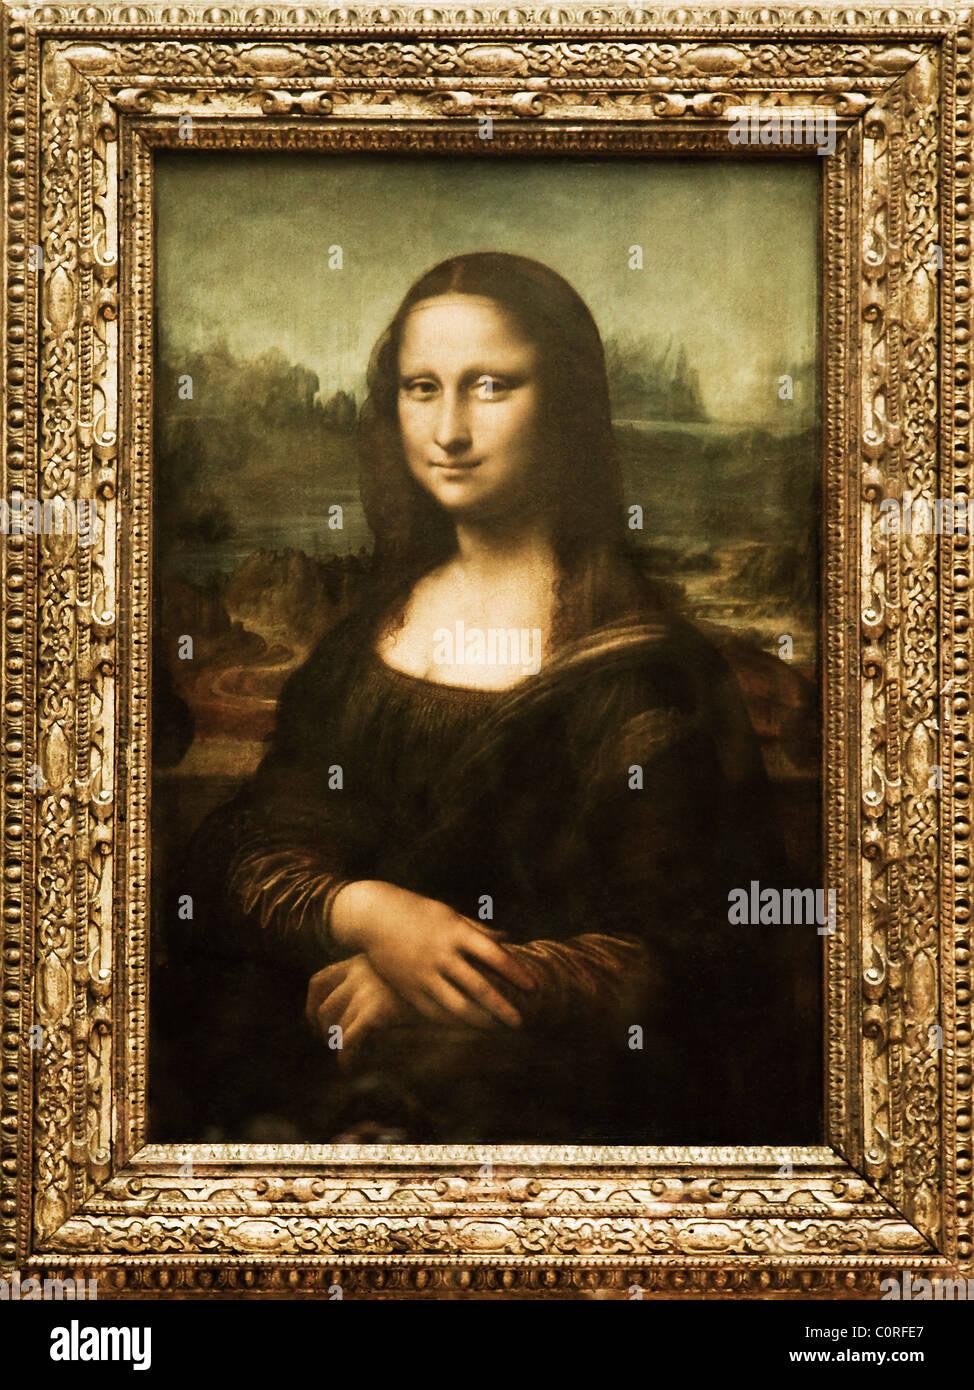 Mona Lisa peinture dans un musée, Musée du Louvre, Paris, France Photo Stock